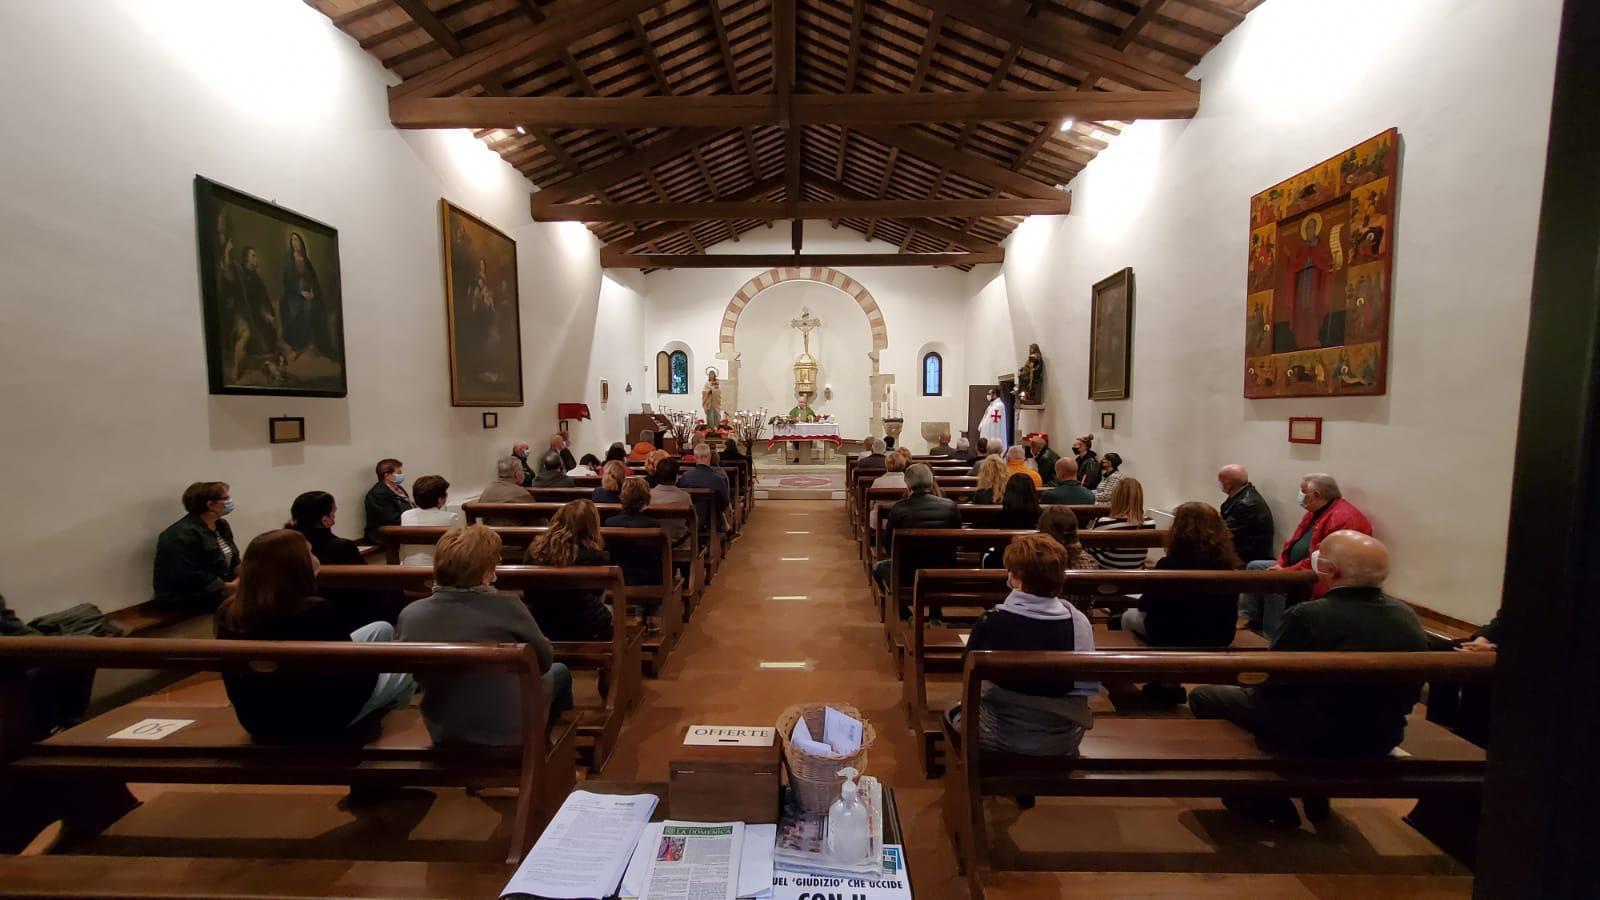 Partecipazione alla Santa Messa – Pieve della Trasfigurazione – San Salvatore (RN) 10.10.2020